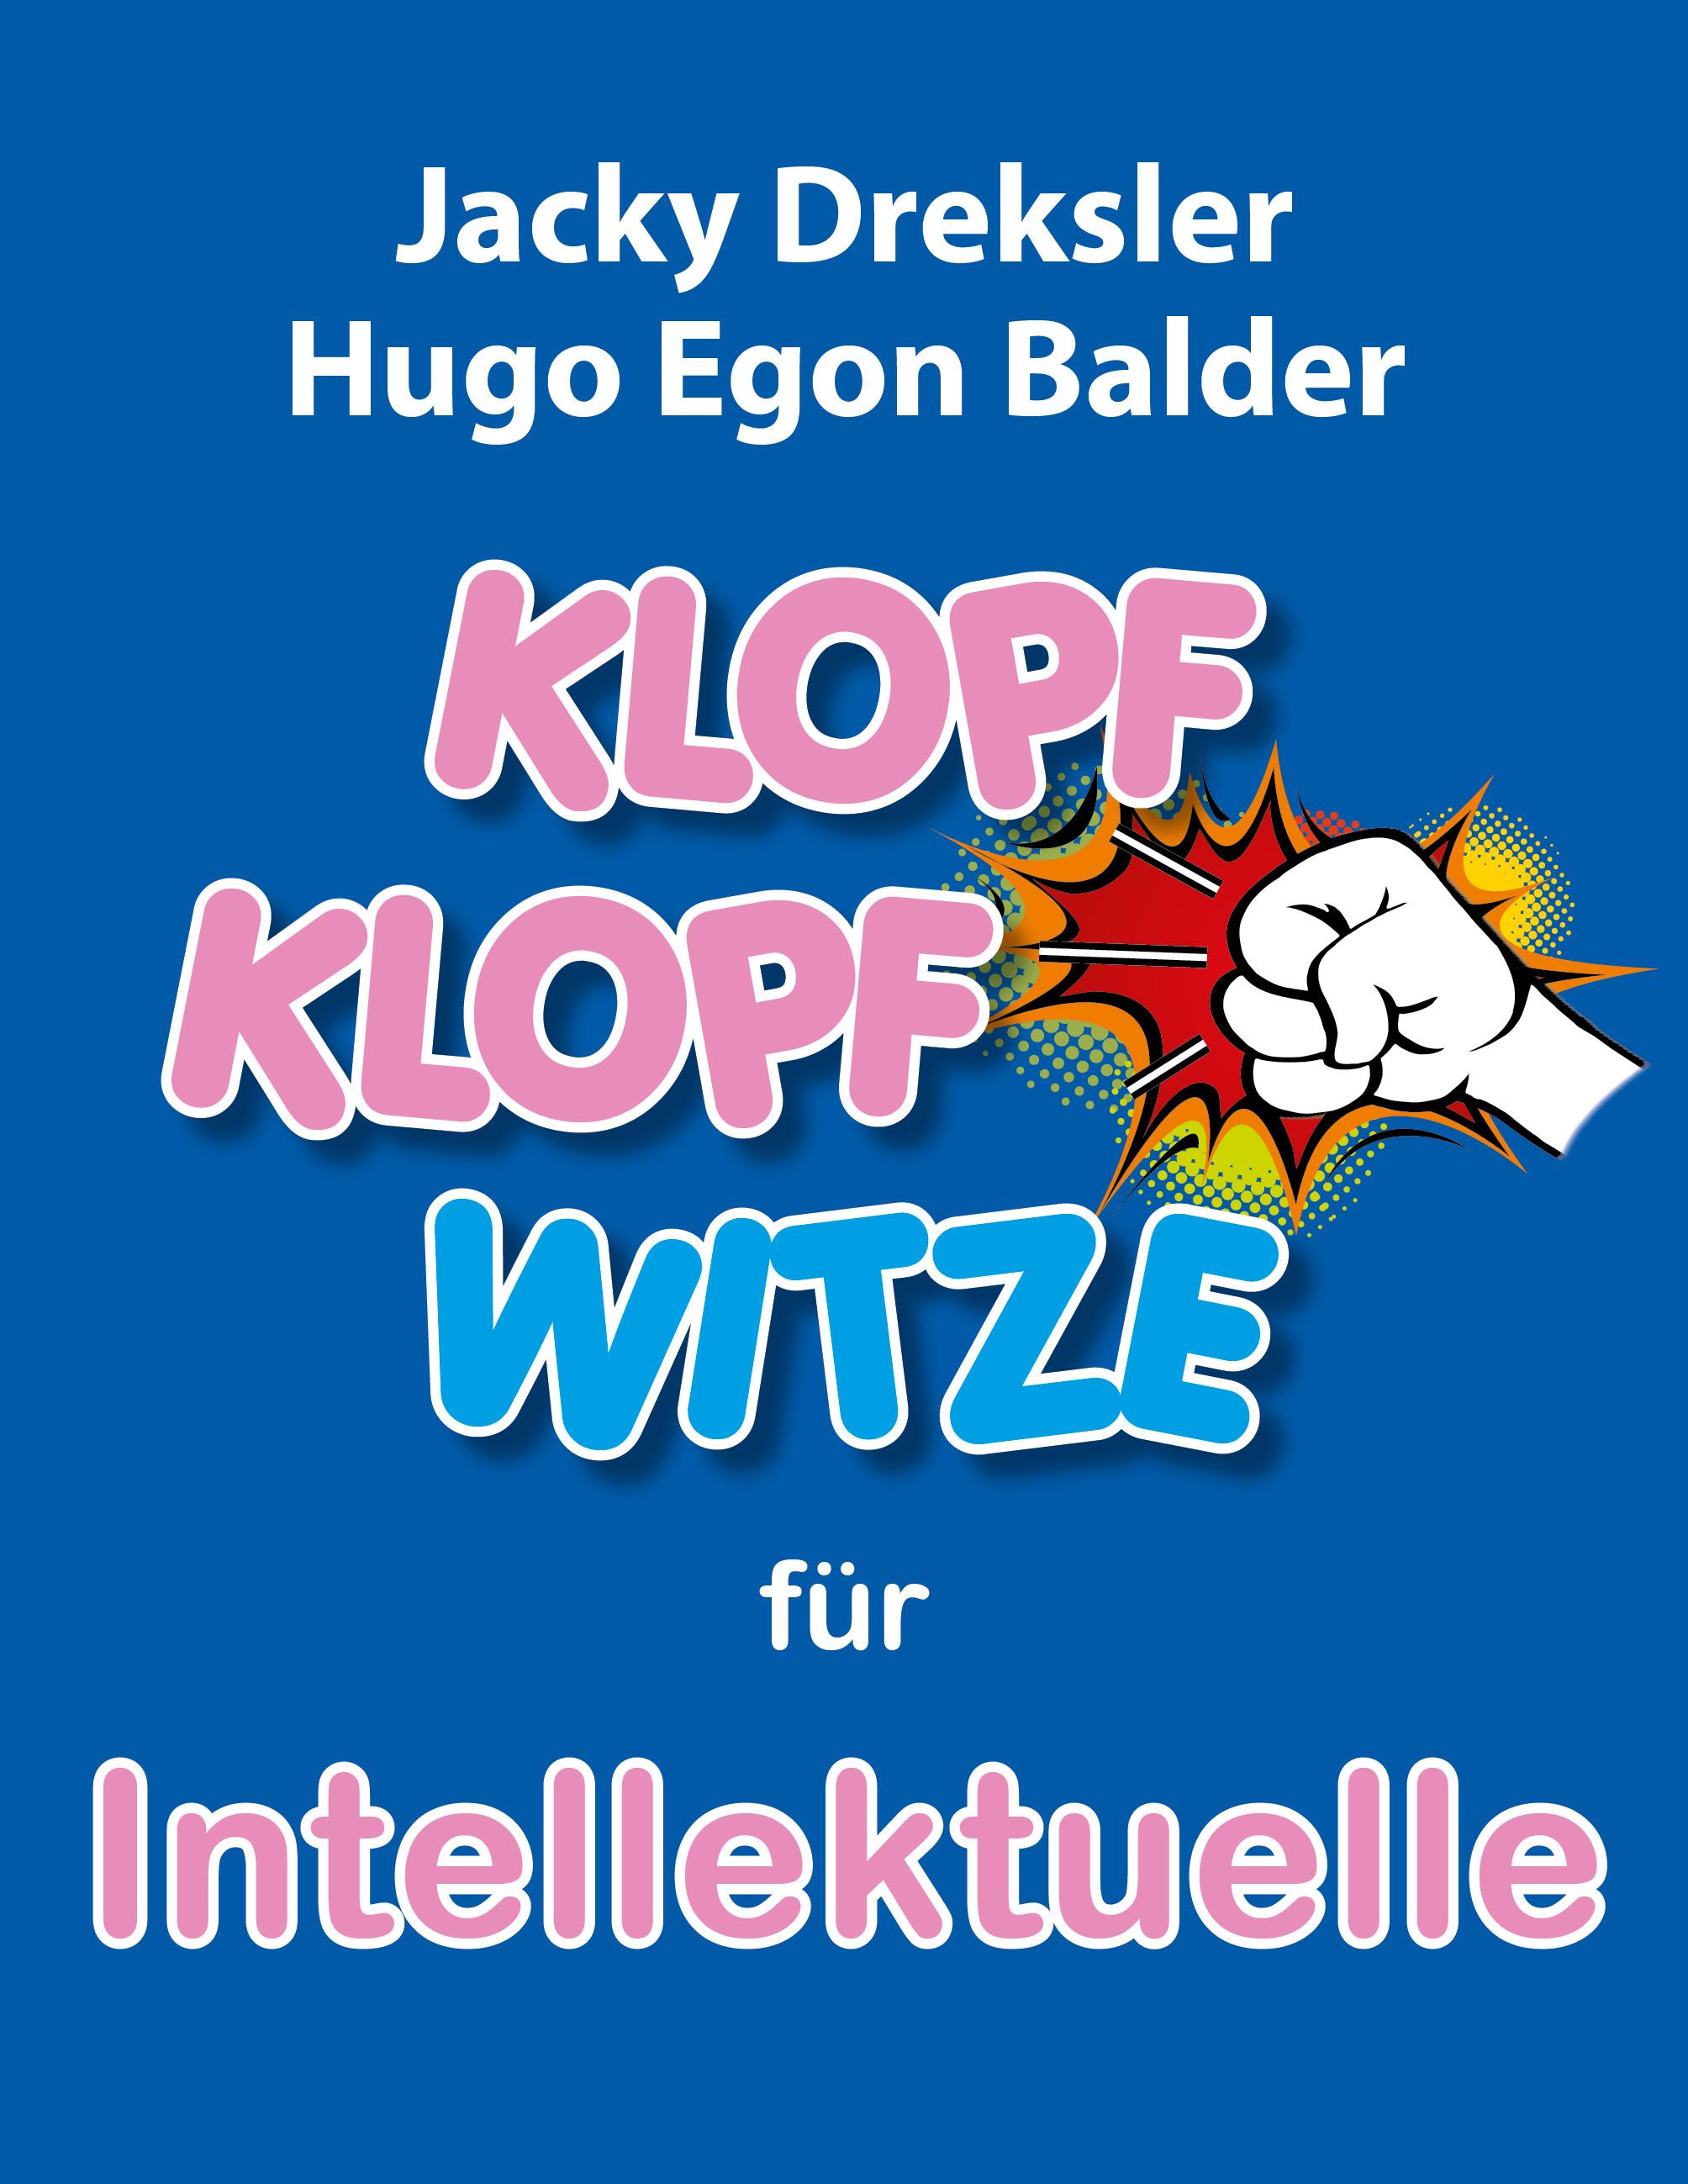 Klopf-Klopf-Witze für Intellektuelle